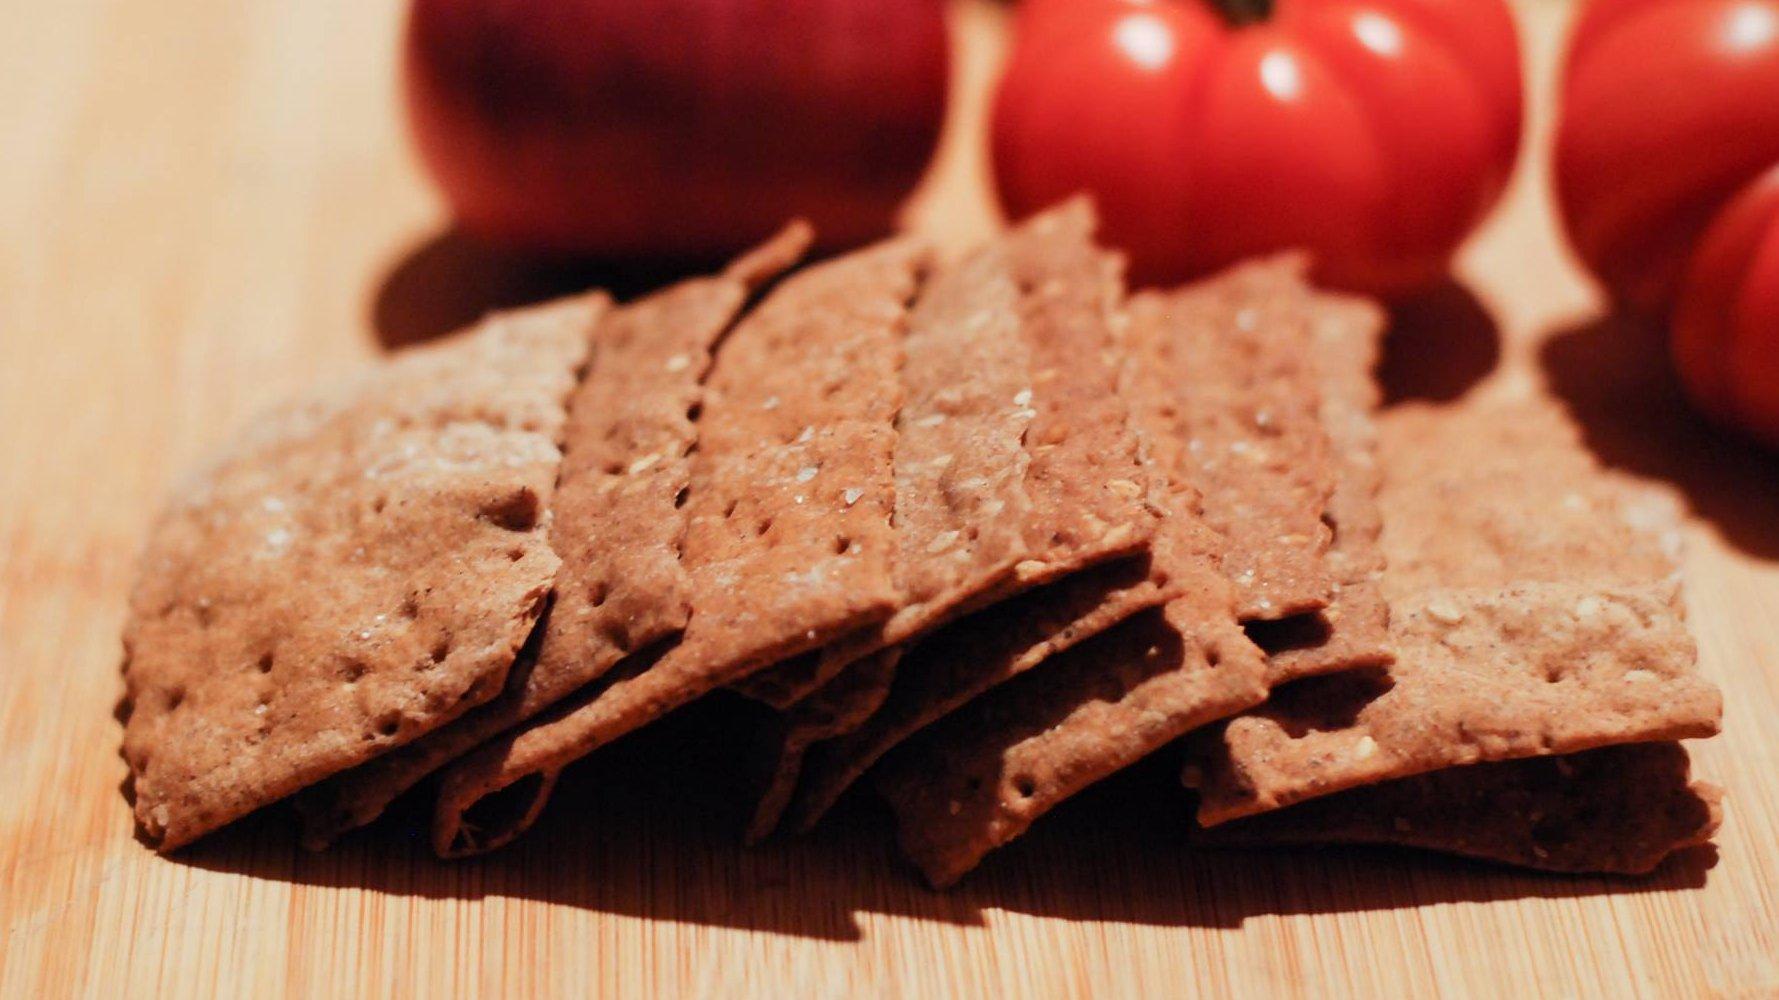 Insetti, il cibo del futuro: intervista ad Edoardo di Crické